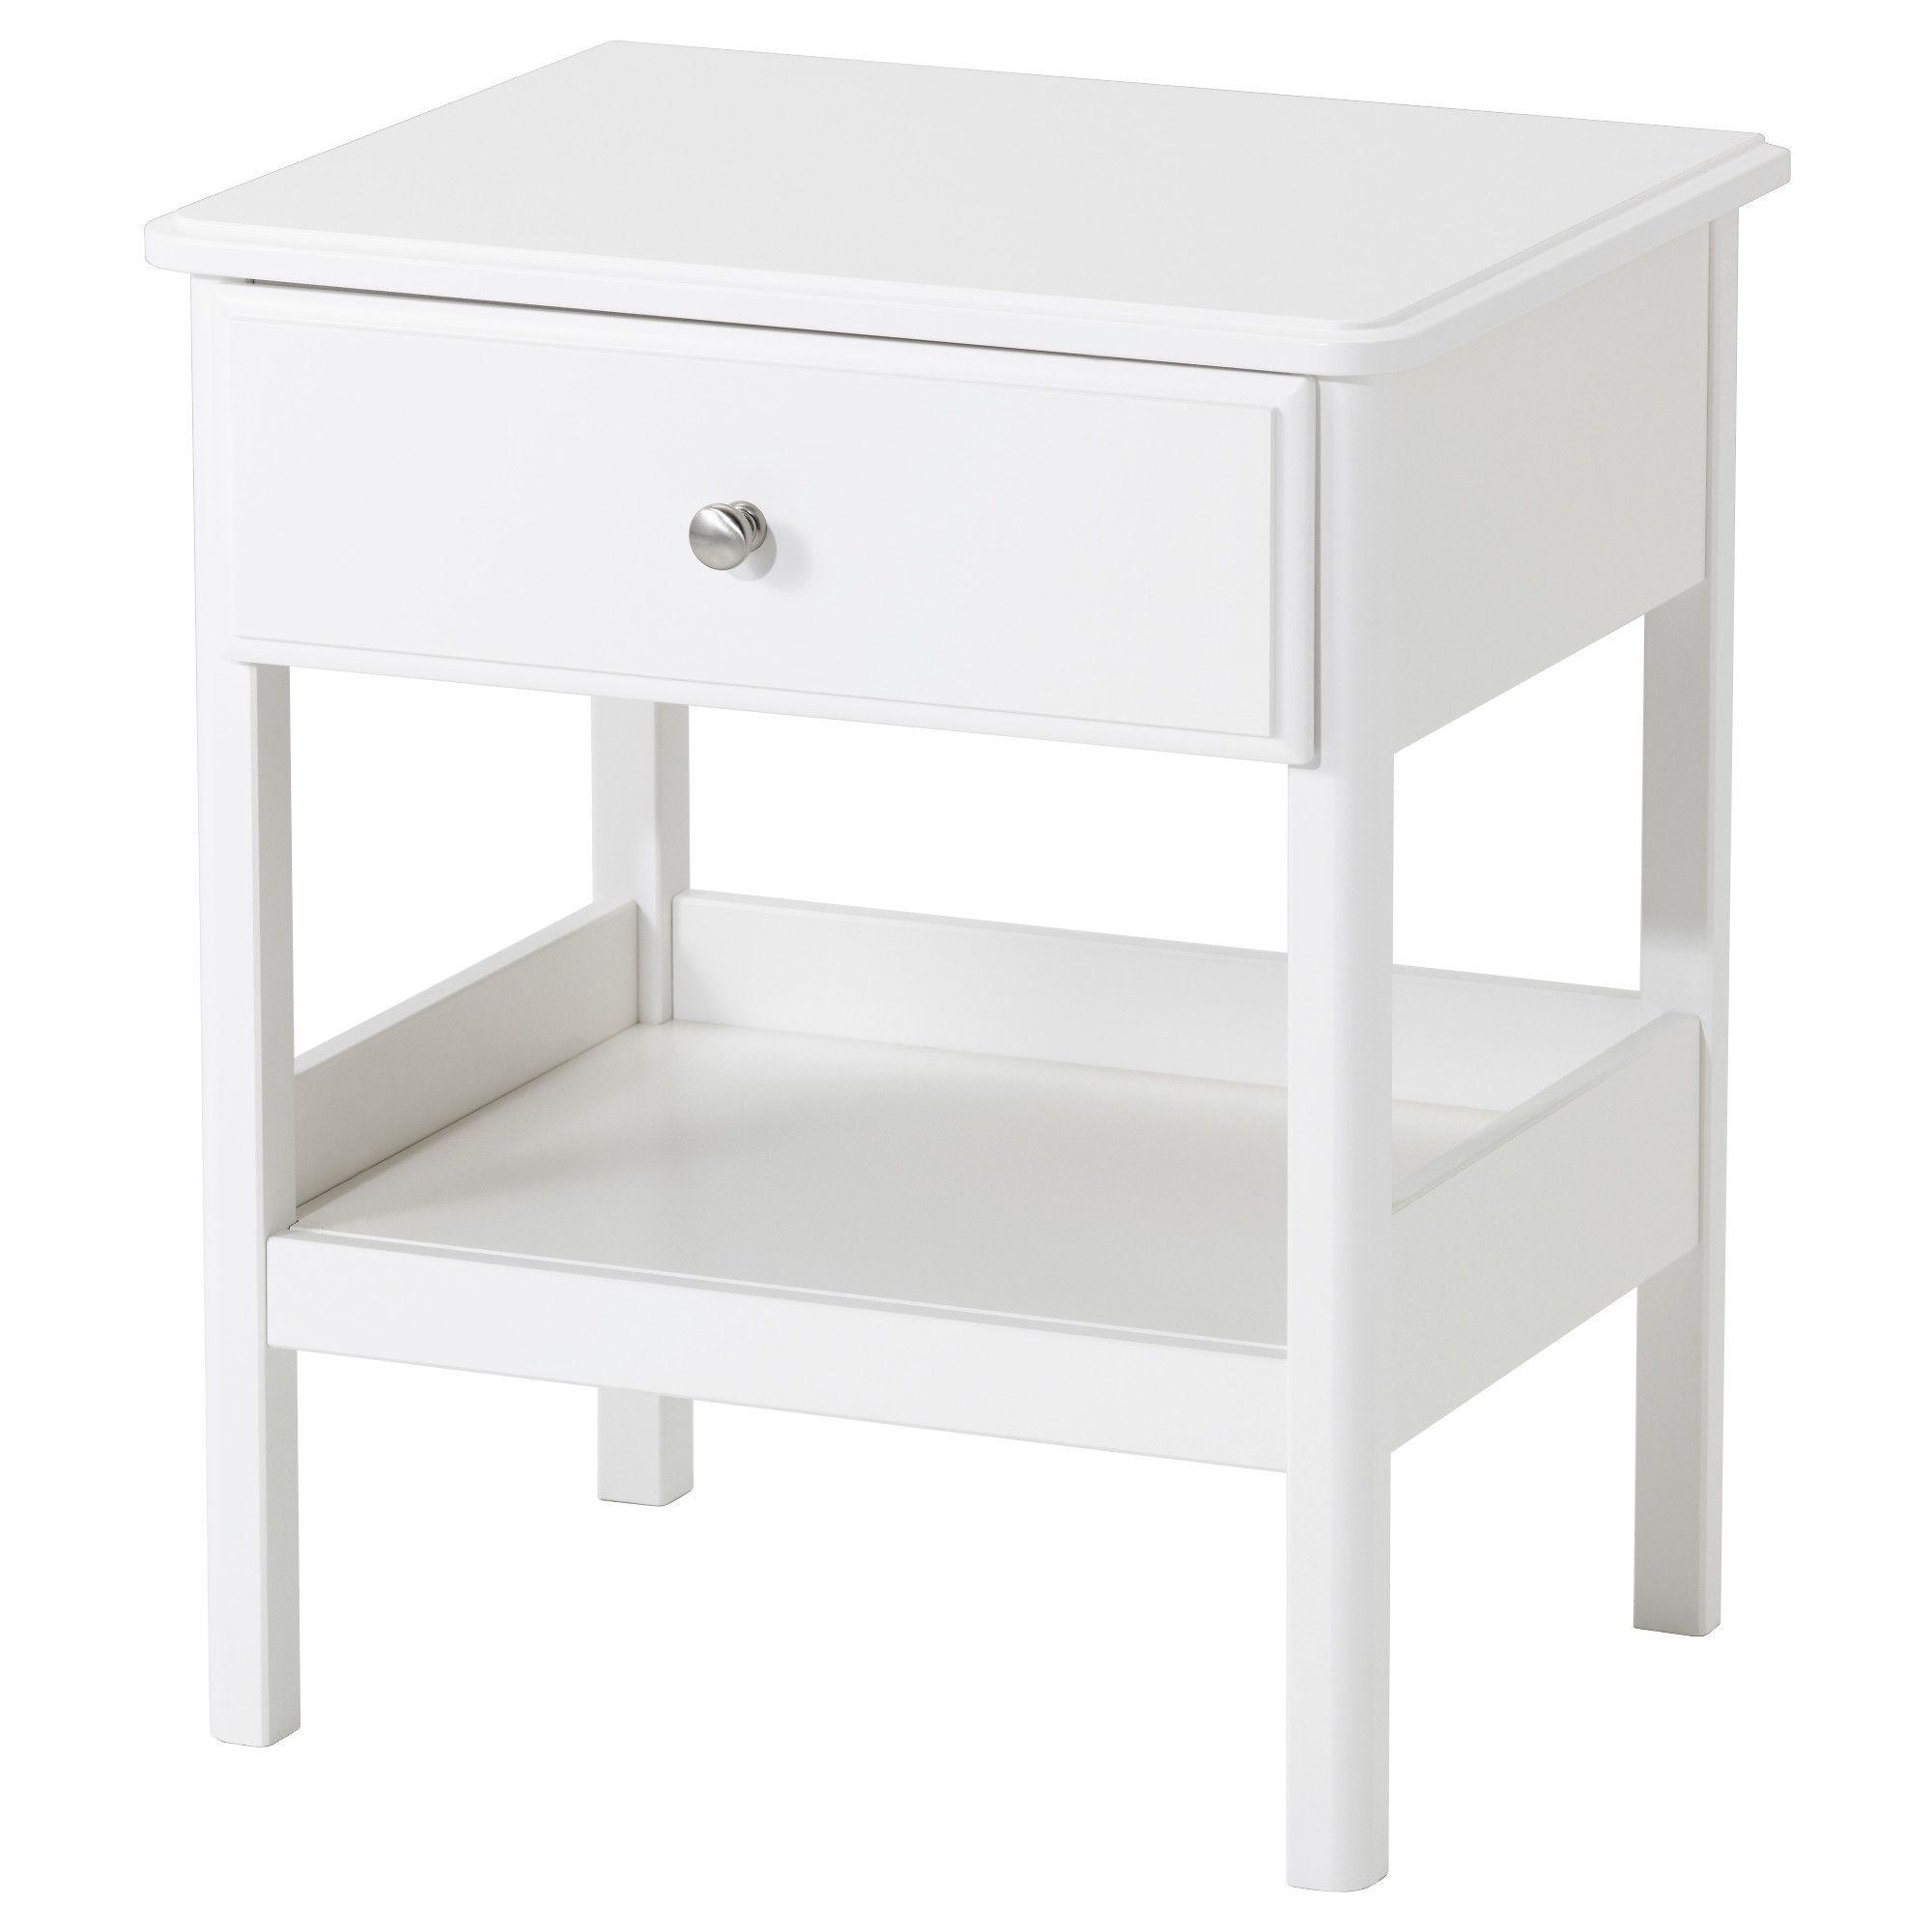 Tyssedal Nightstand White 20 1 8x15 3 4 Ikea Nightstand